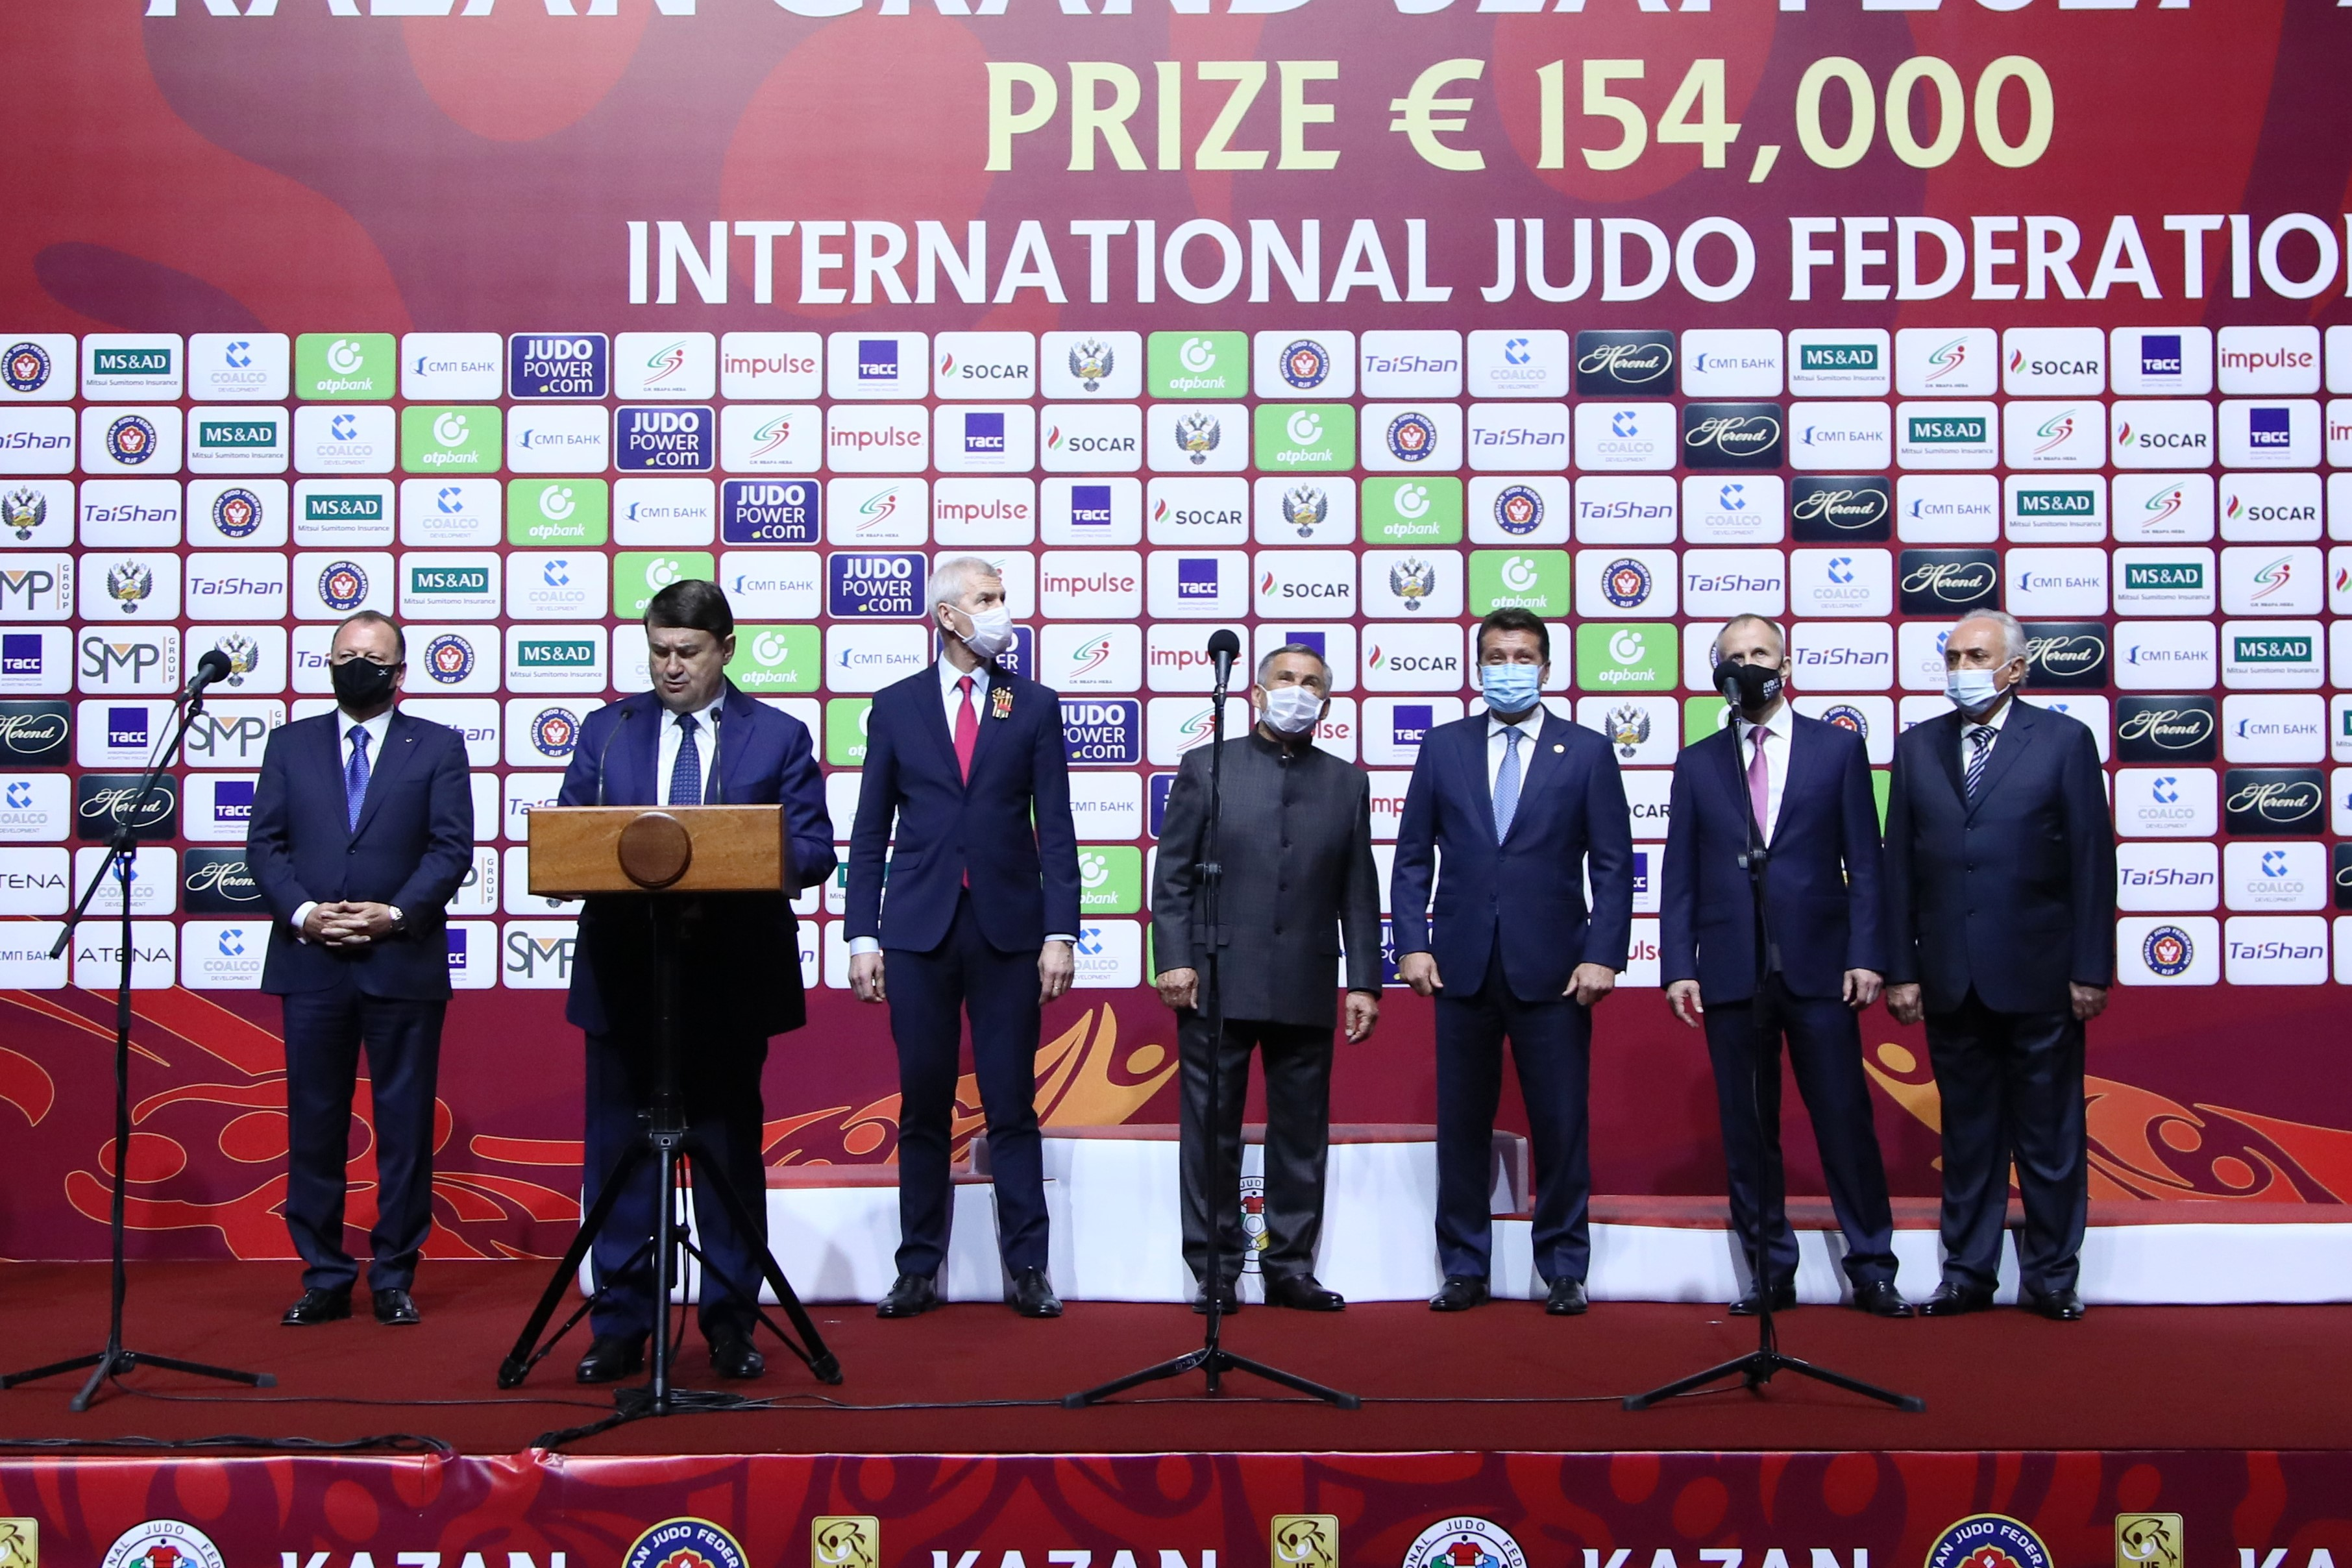 Рустам Минниханов и Игорь Левитин приняли участие в церемонии открытия турнира серии «Большой шлем» в Казани